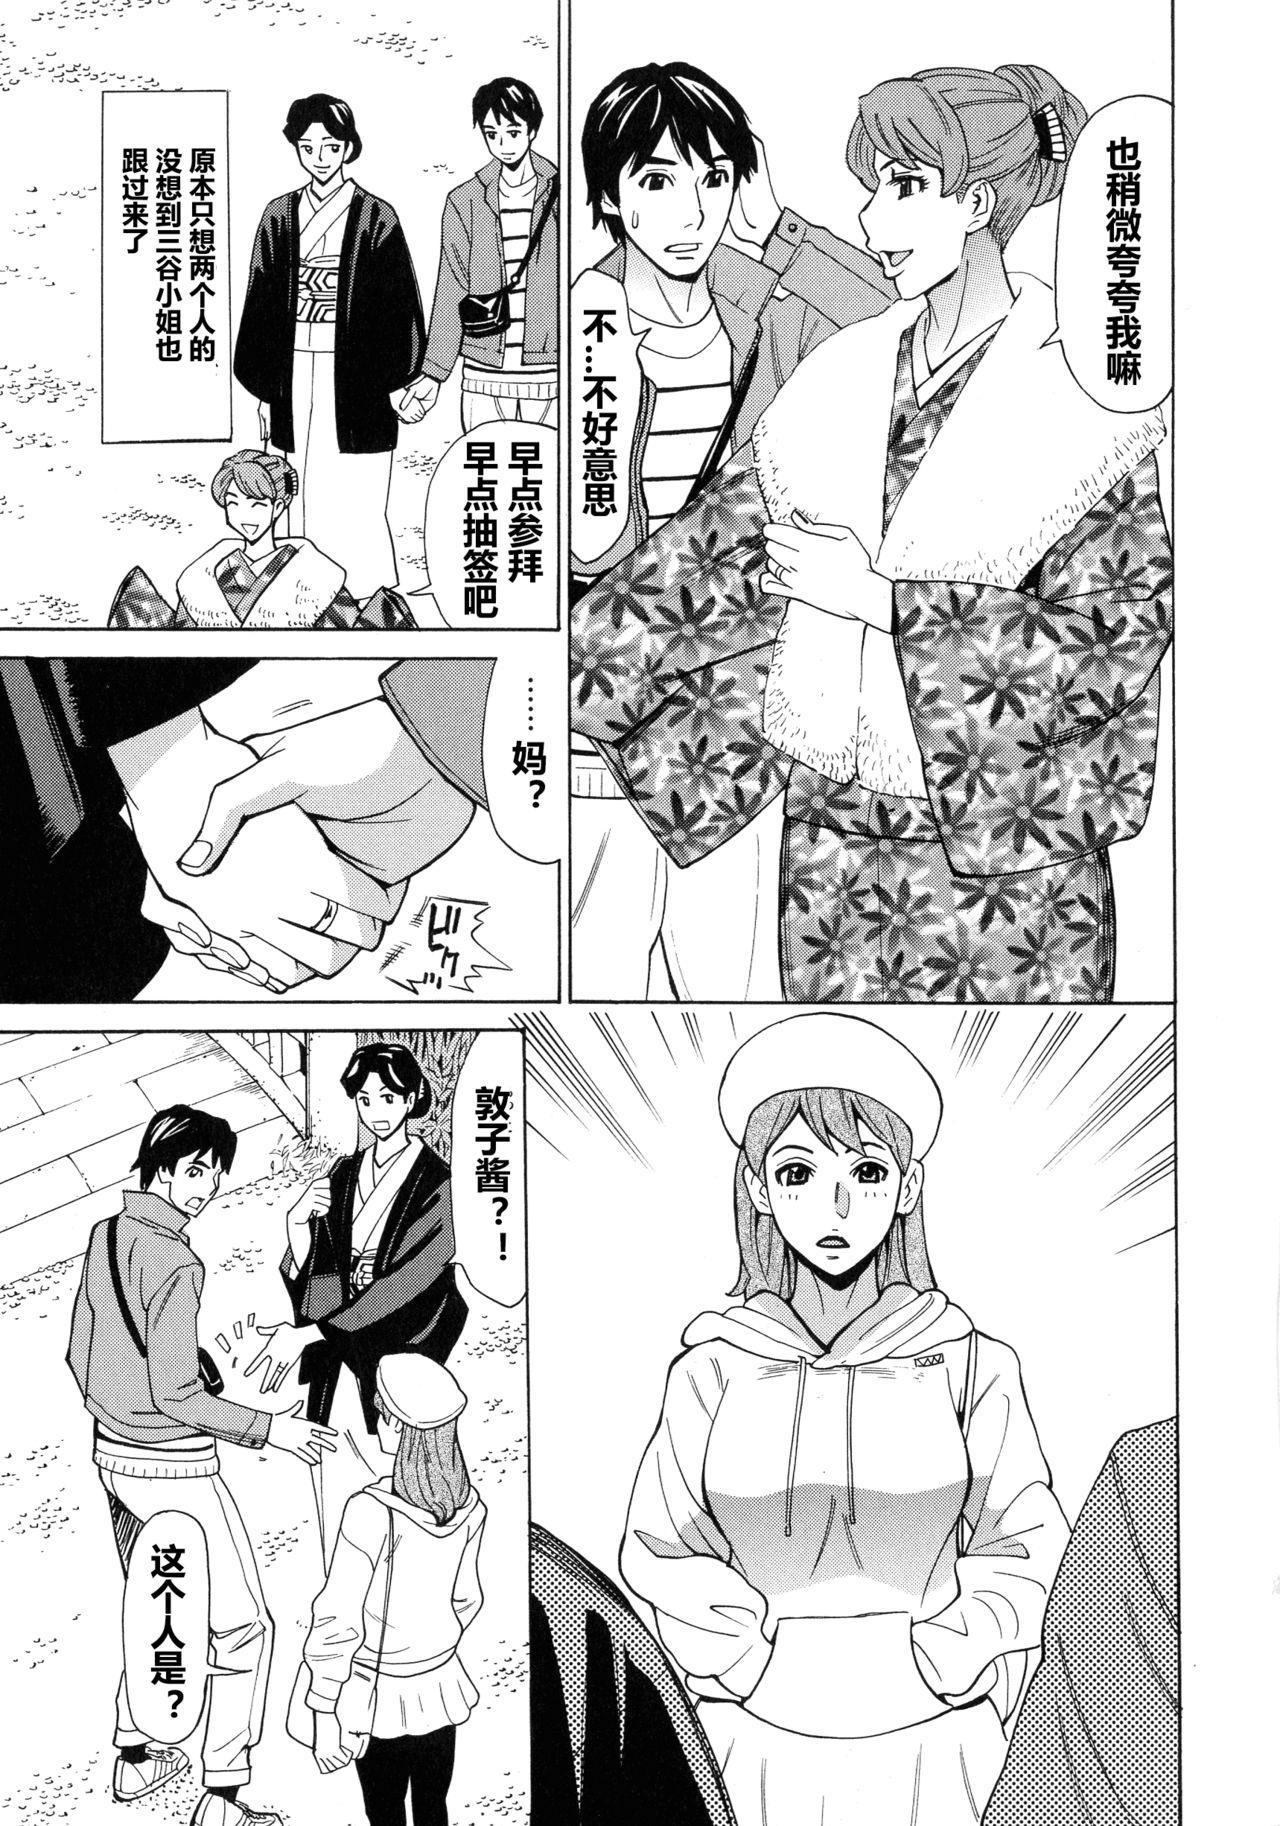 Hitozuma Koi Hanabi ~ Hajimete no Furin ga 3P ni Itaru made .04(chinese)【每天一发的个人汉化】 2